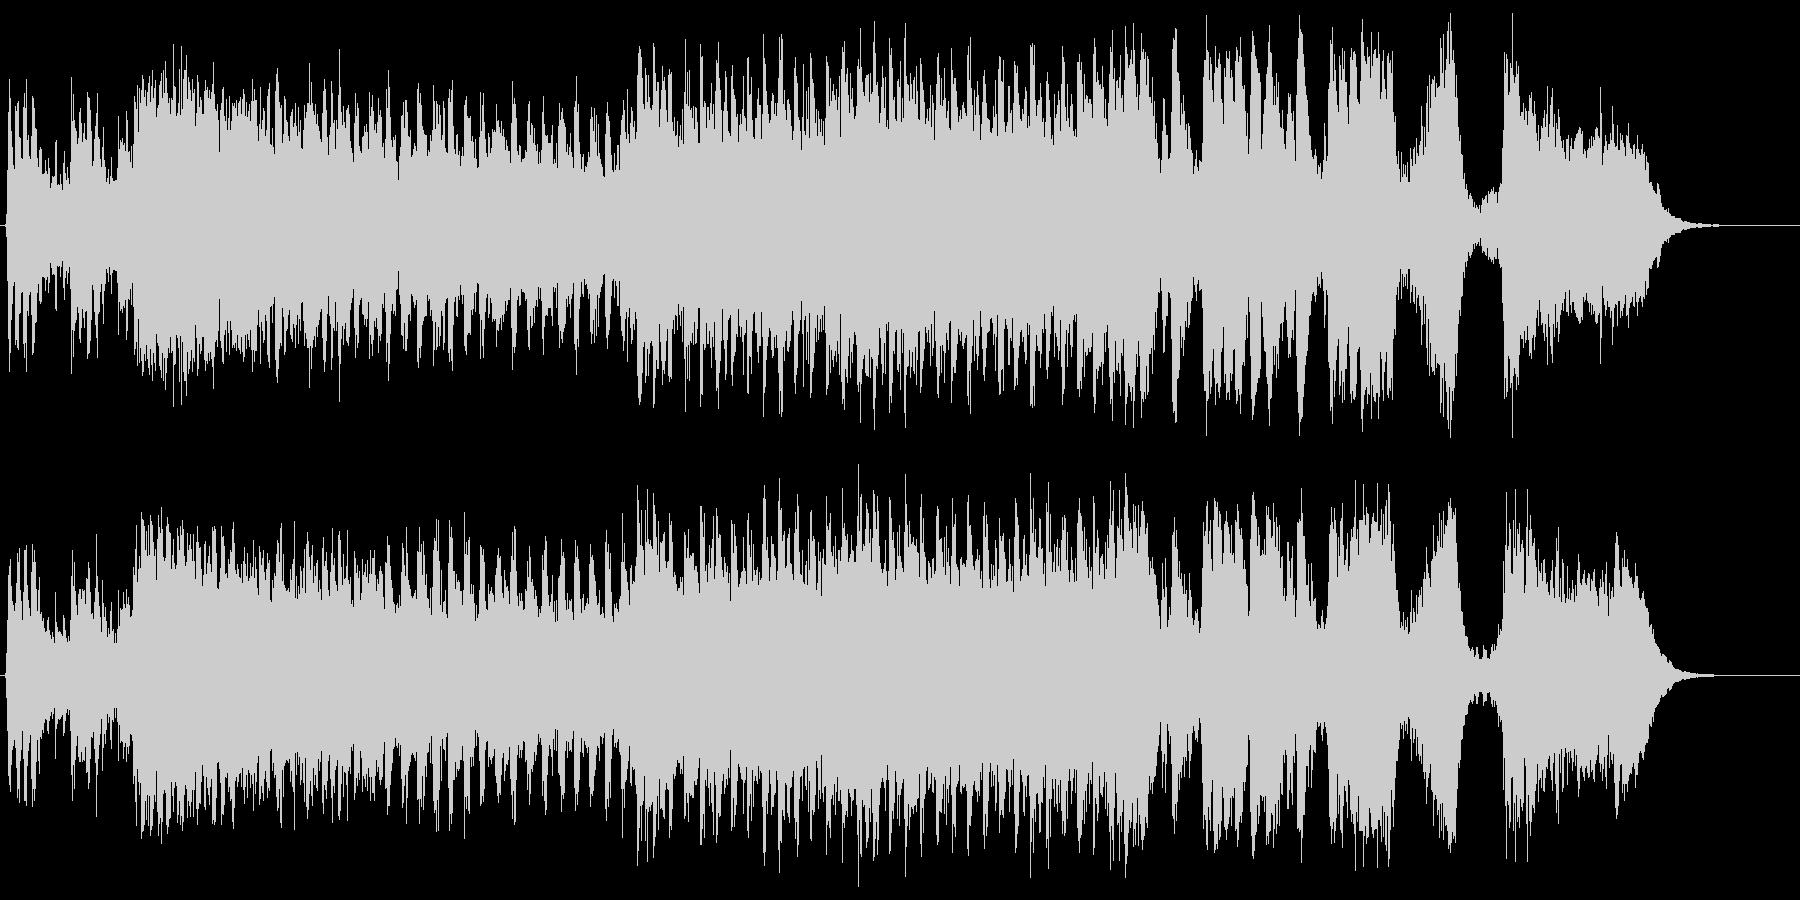 勇壮な合唱オーケストラ:フル版の未再生の波形